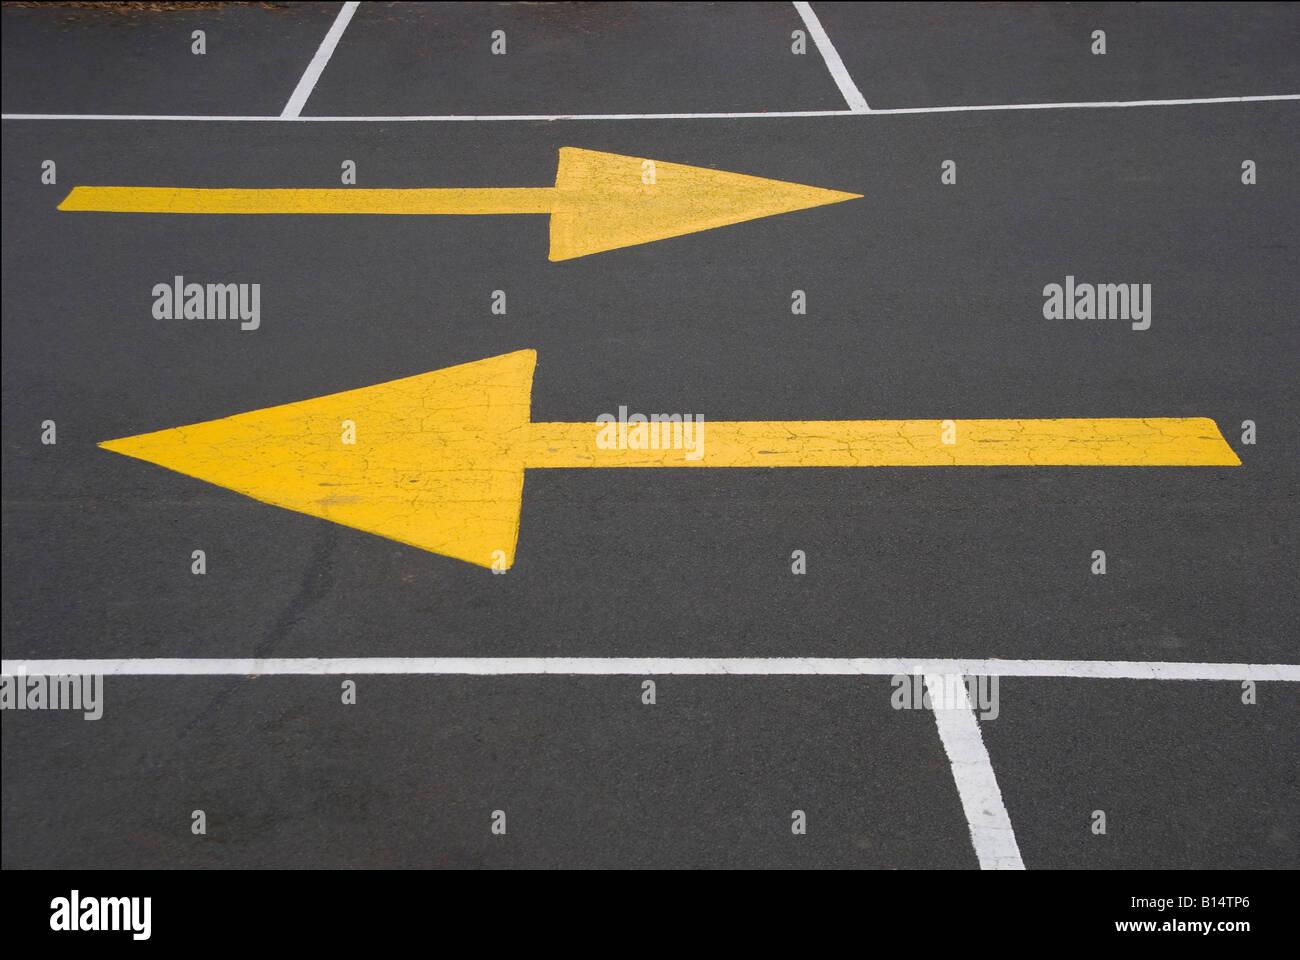 Giallo segni direzionali rivolte in direzioni opposte Immagini Stock